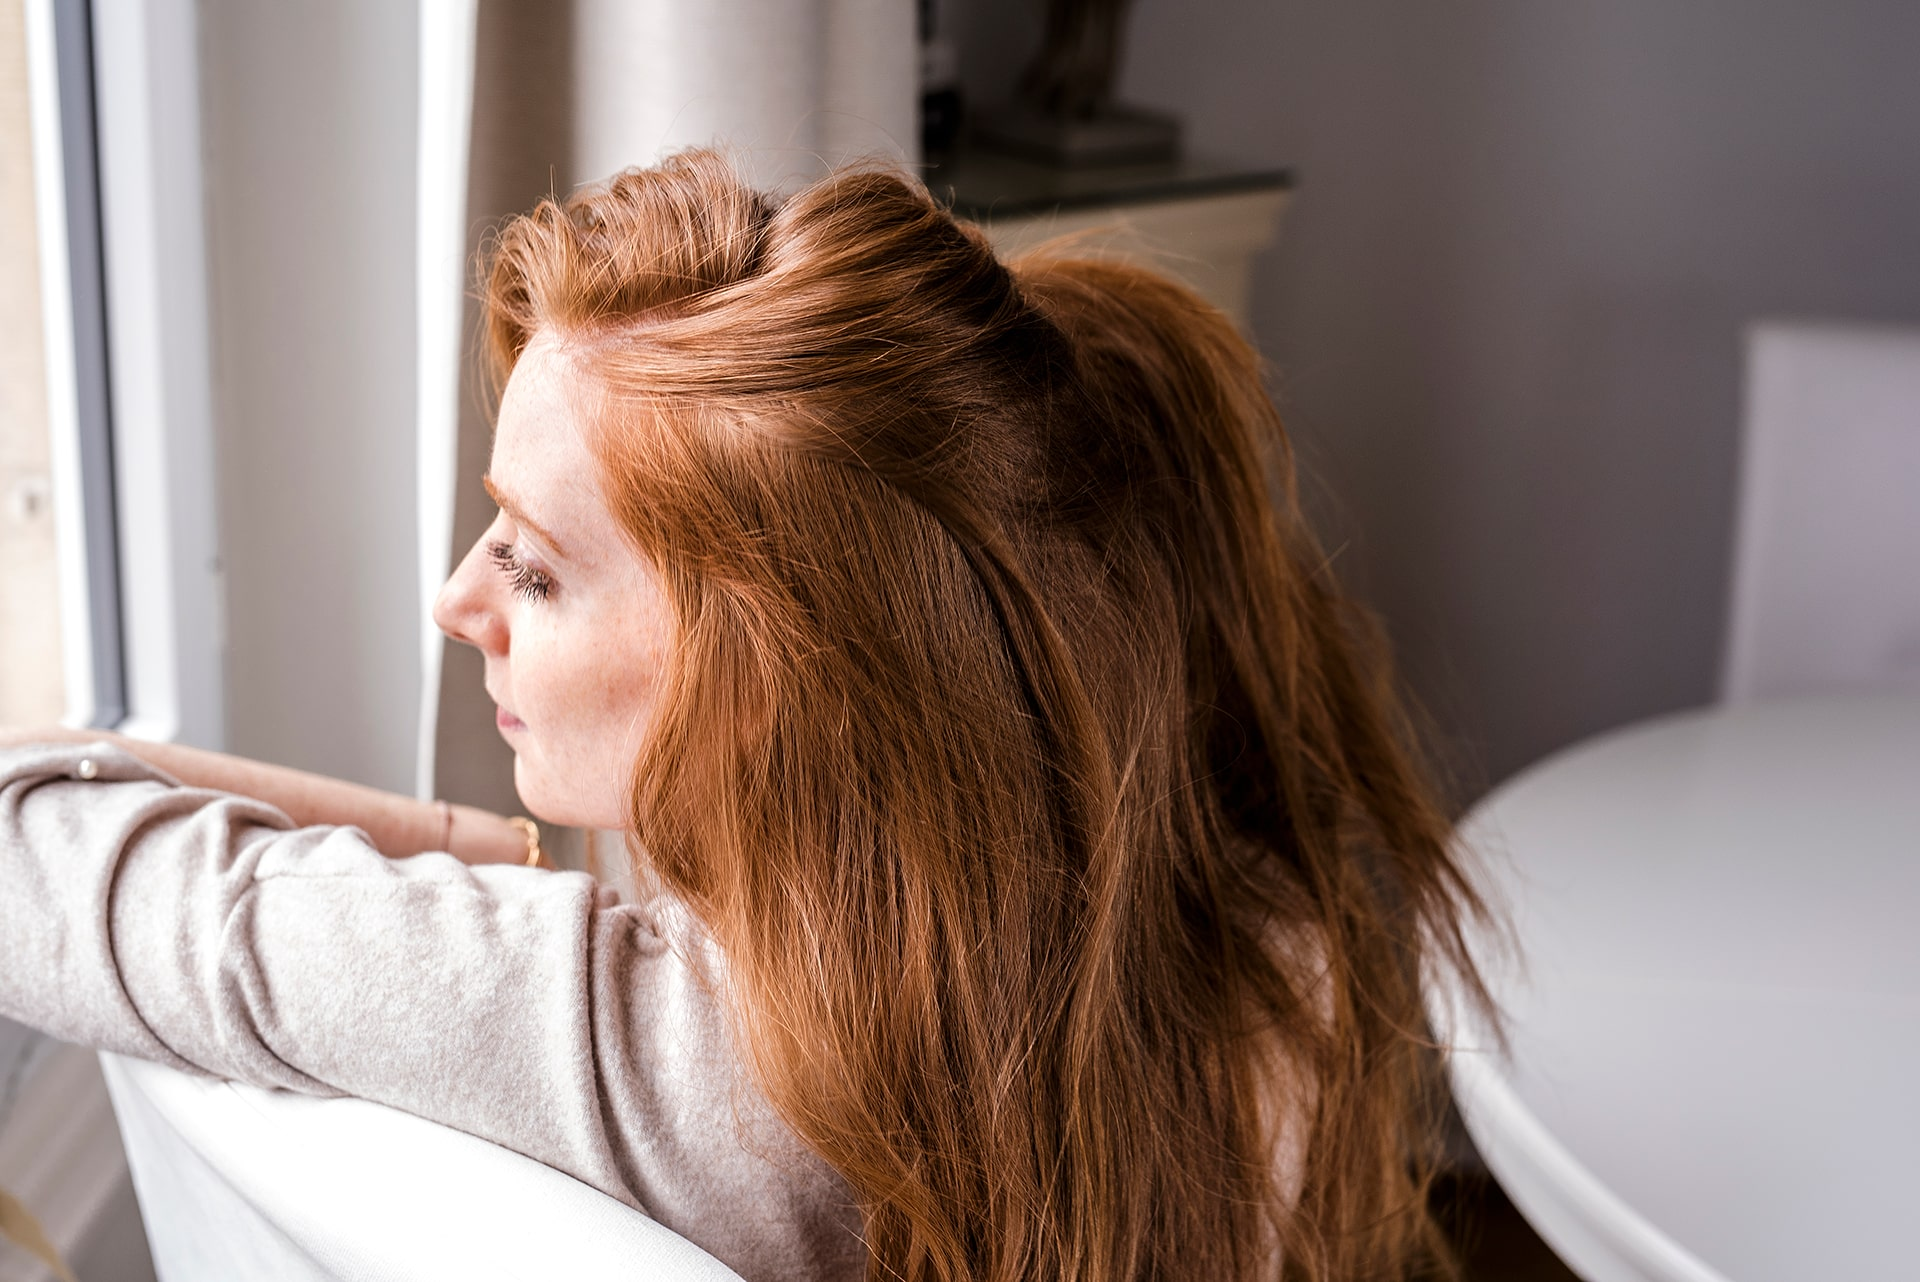 Blog Lifestyle - Le soin pour les cheveux - Suivre sa Joie - Saskia Parein